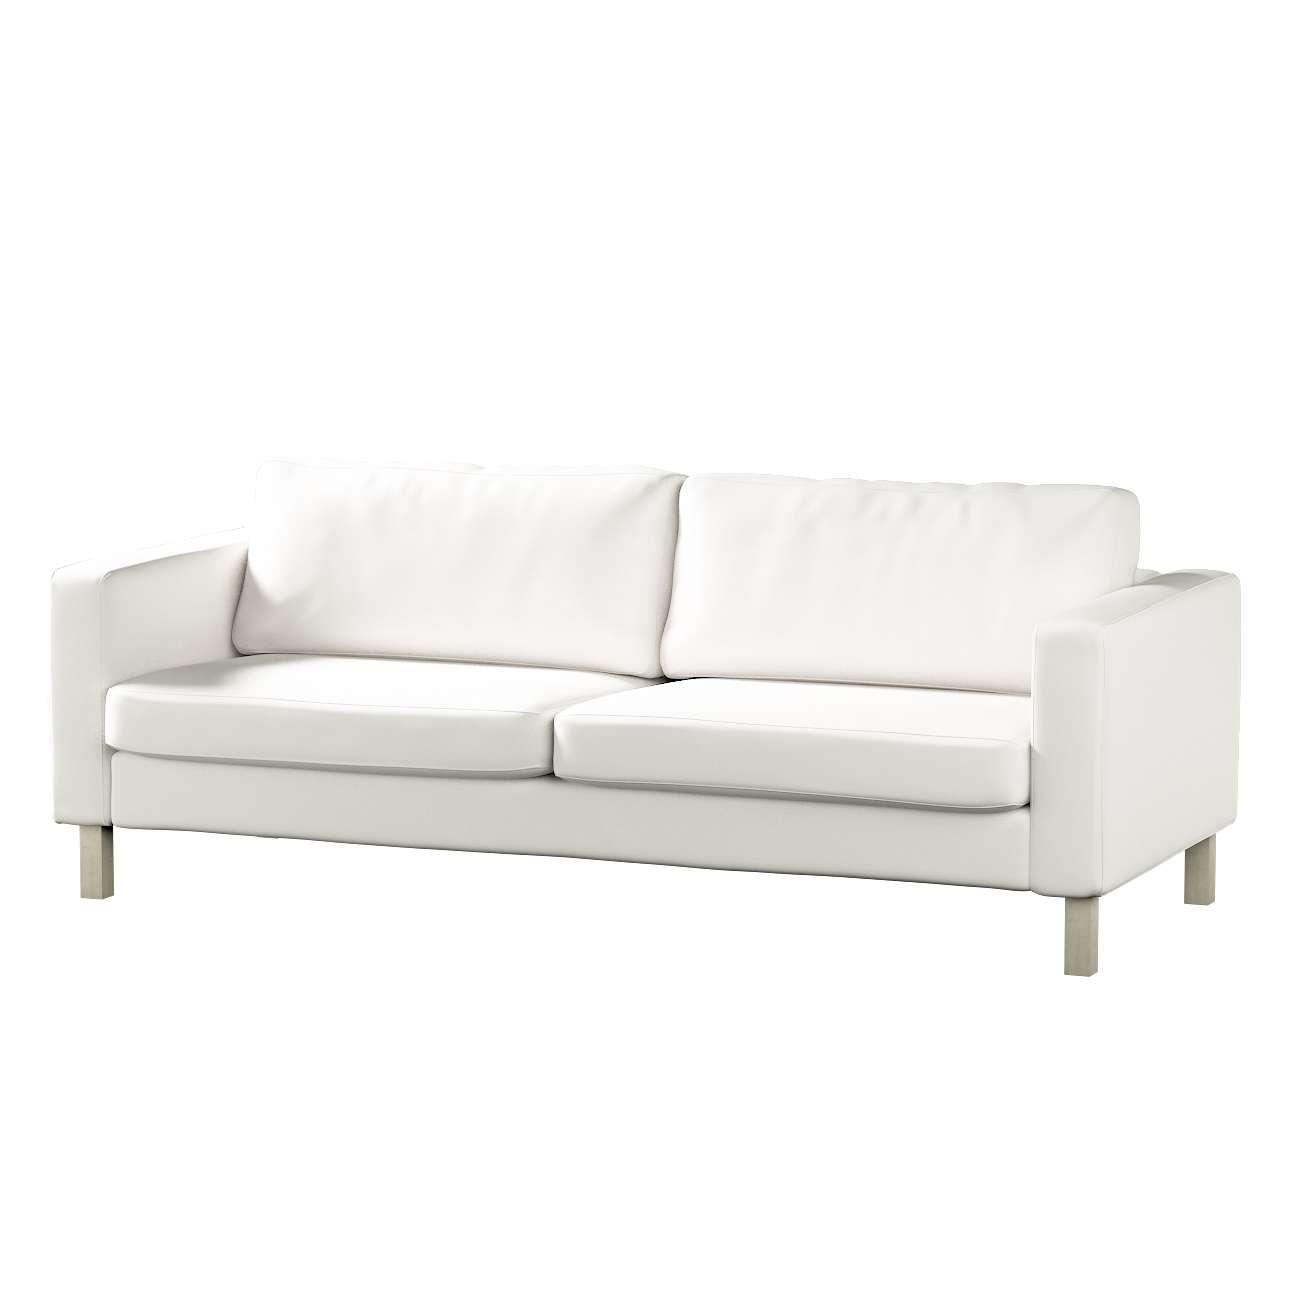 Pokrowiec na sofę Karlstad rozkładaną, krótki Sofa Karlstad 3-os rozkładana w kolekcji Cotton Panama, tkanina: 702-34